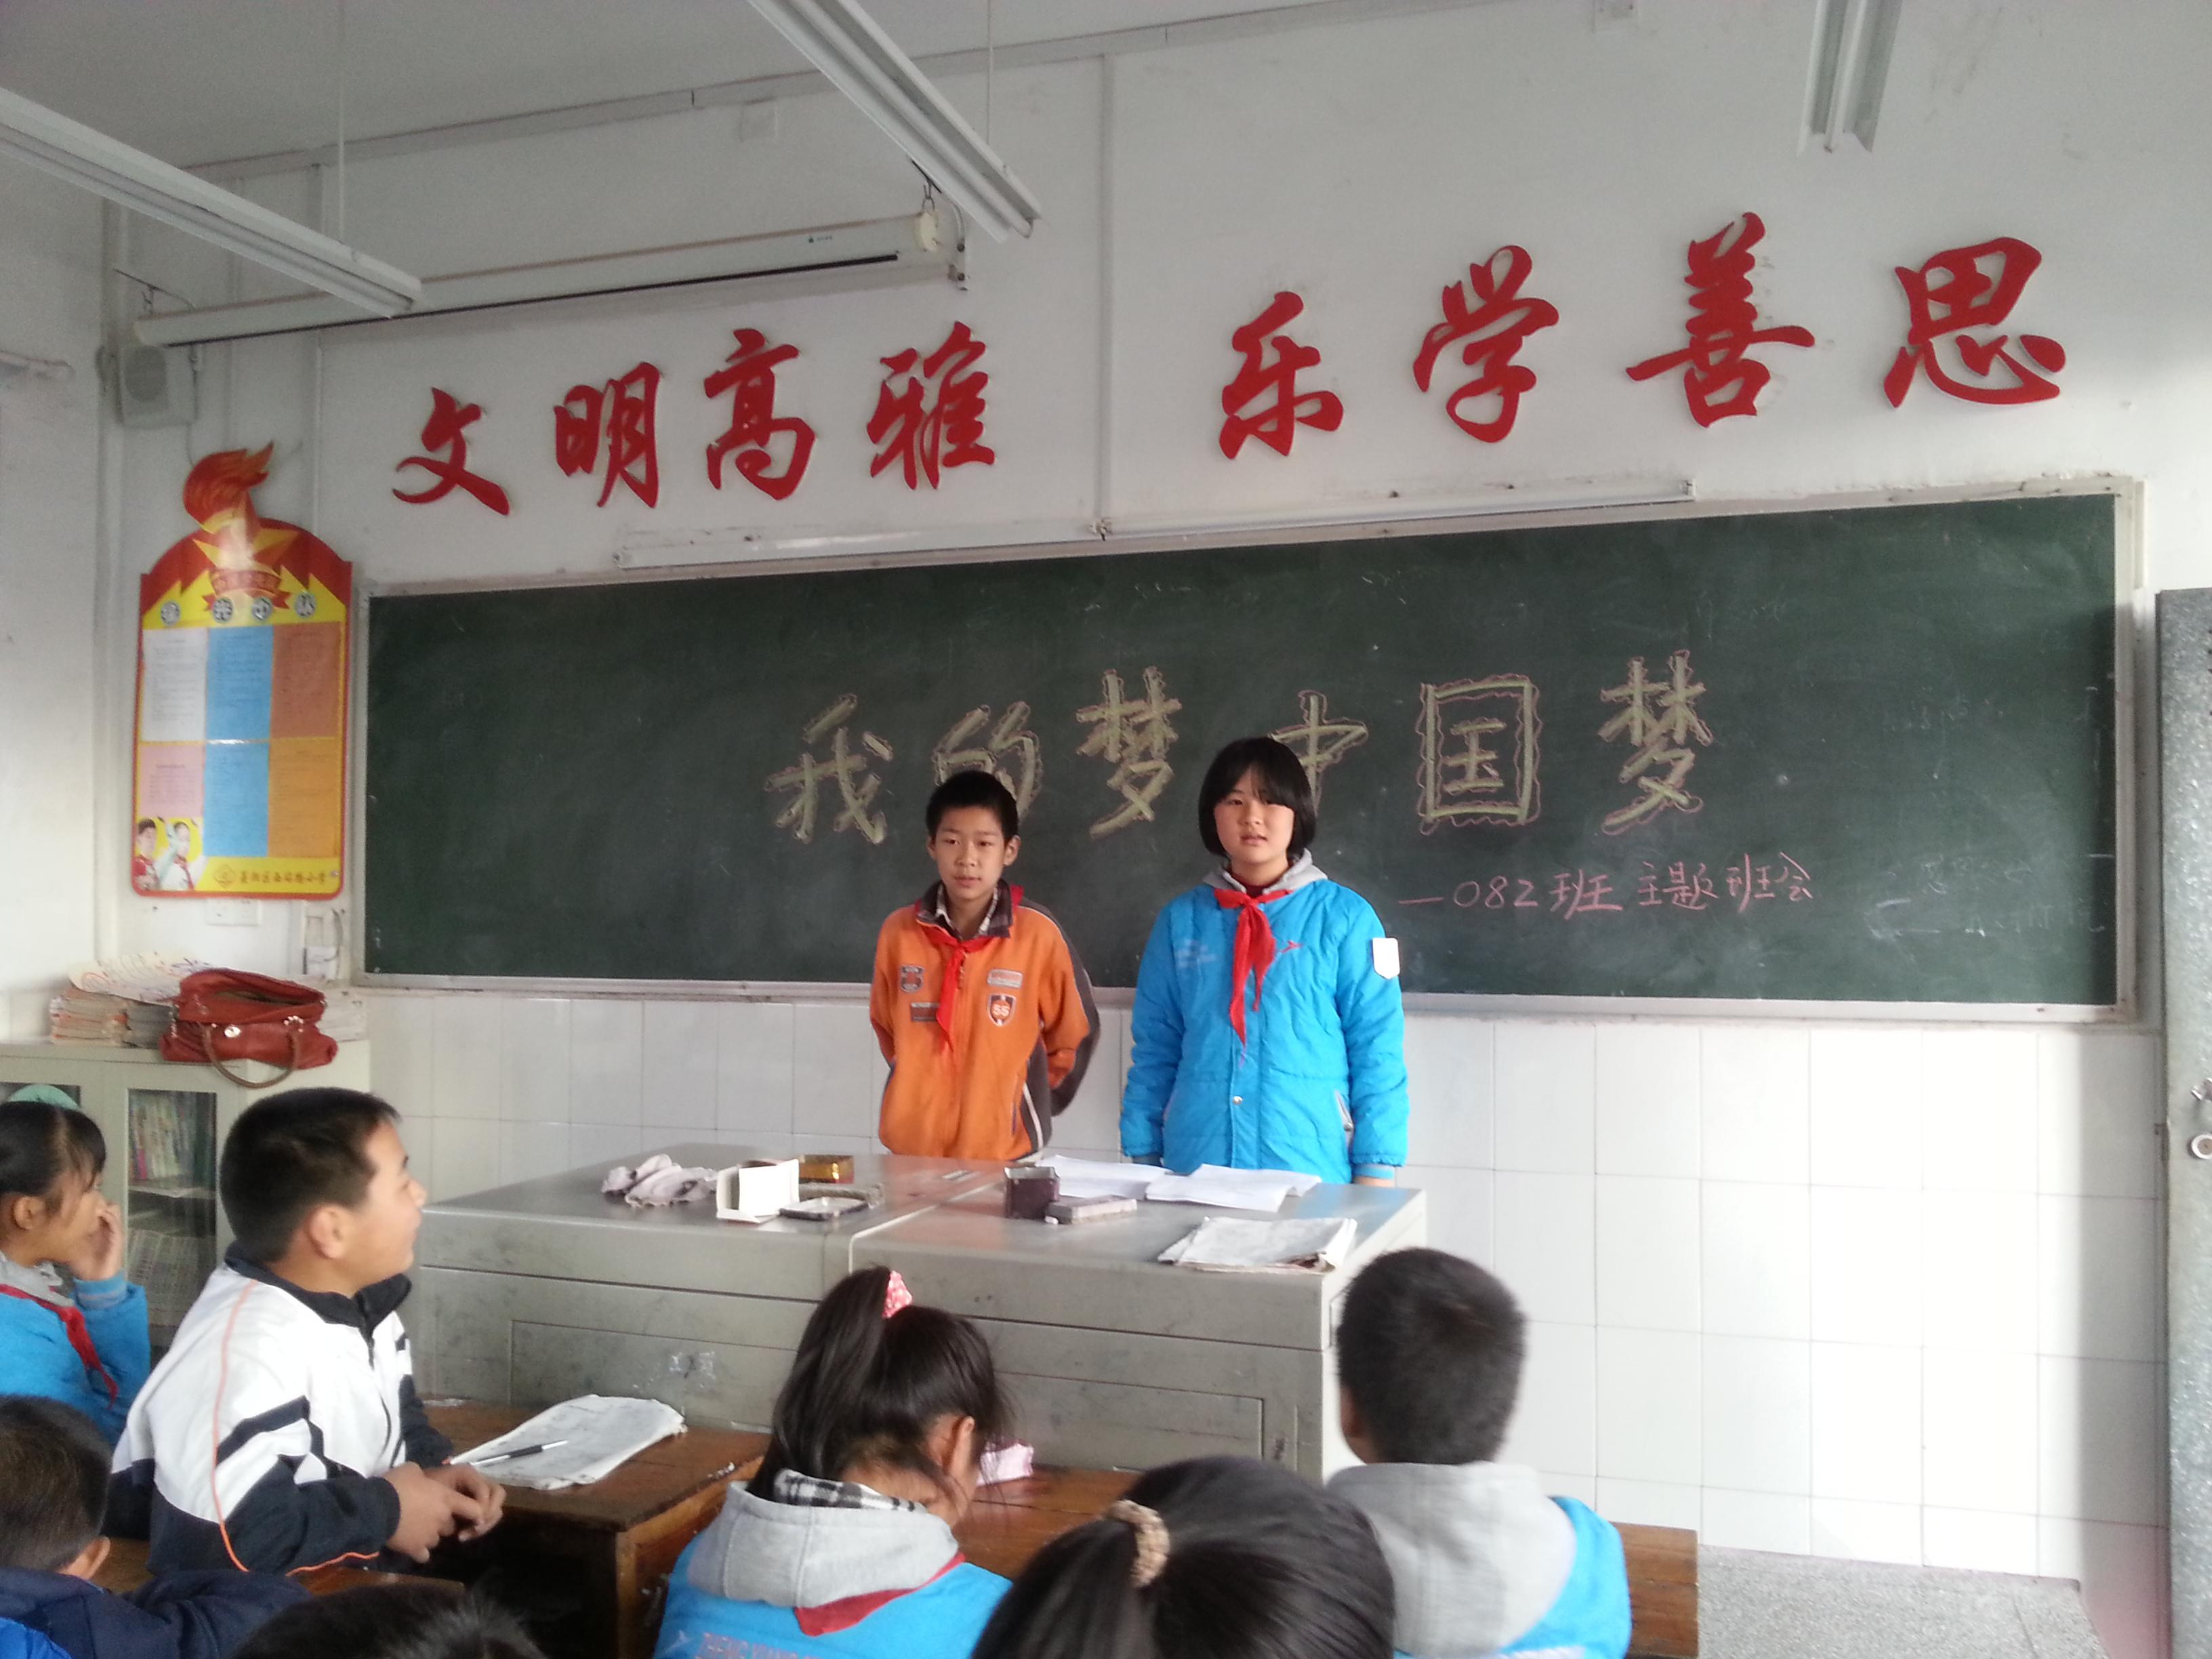 中国梦主题班会 - 红领巾相约中国梦动态上传图片